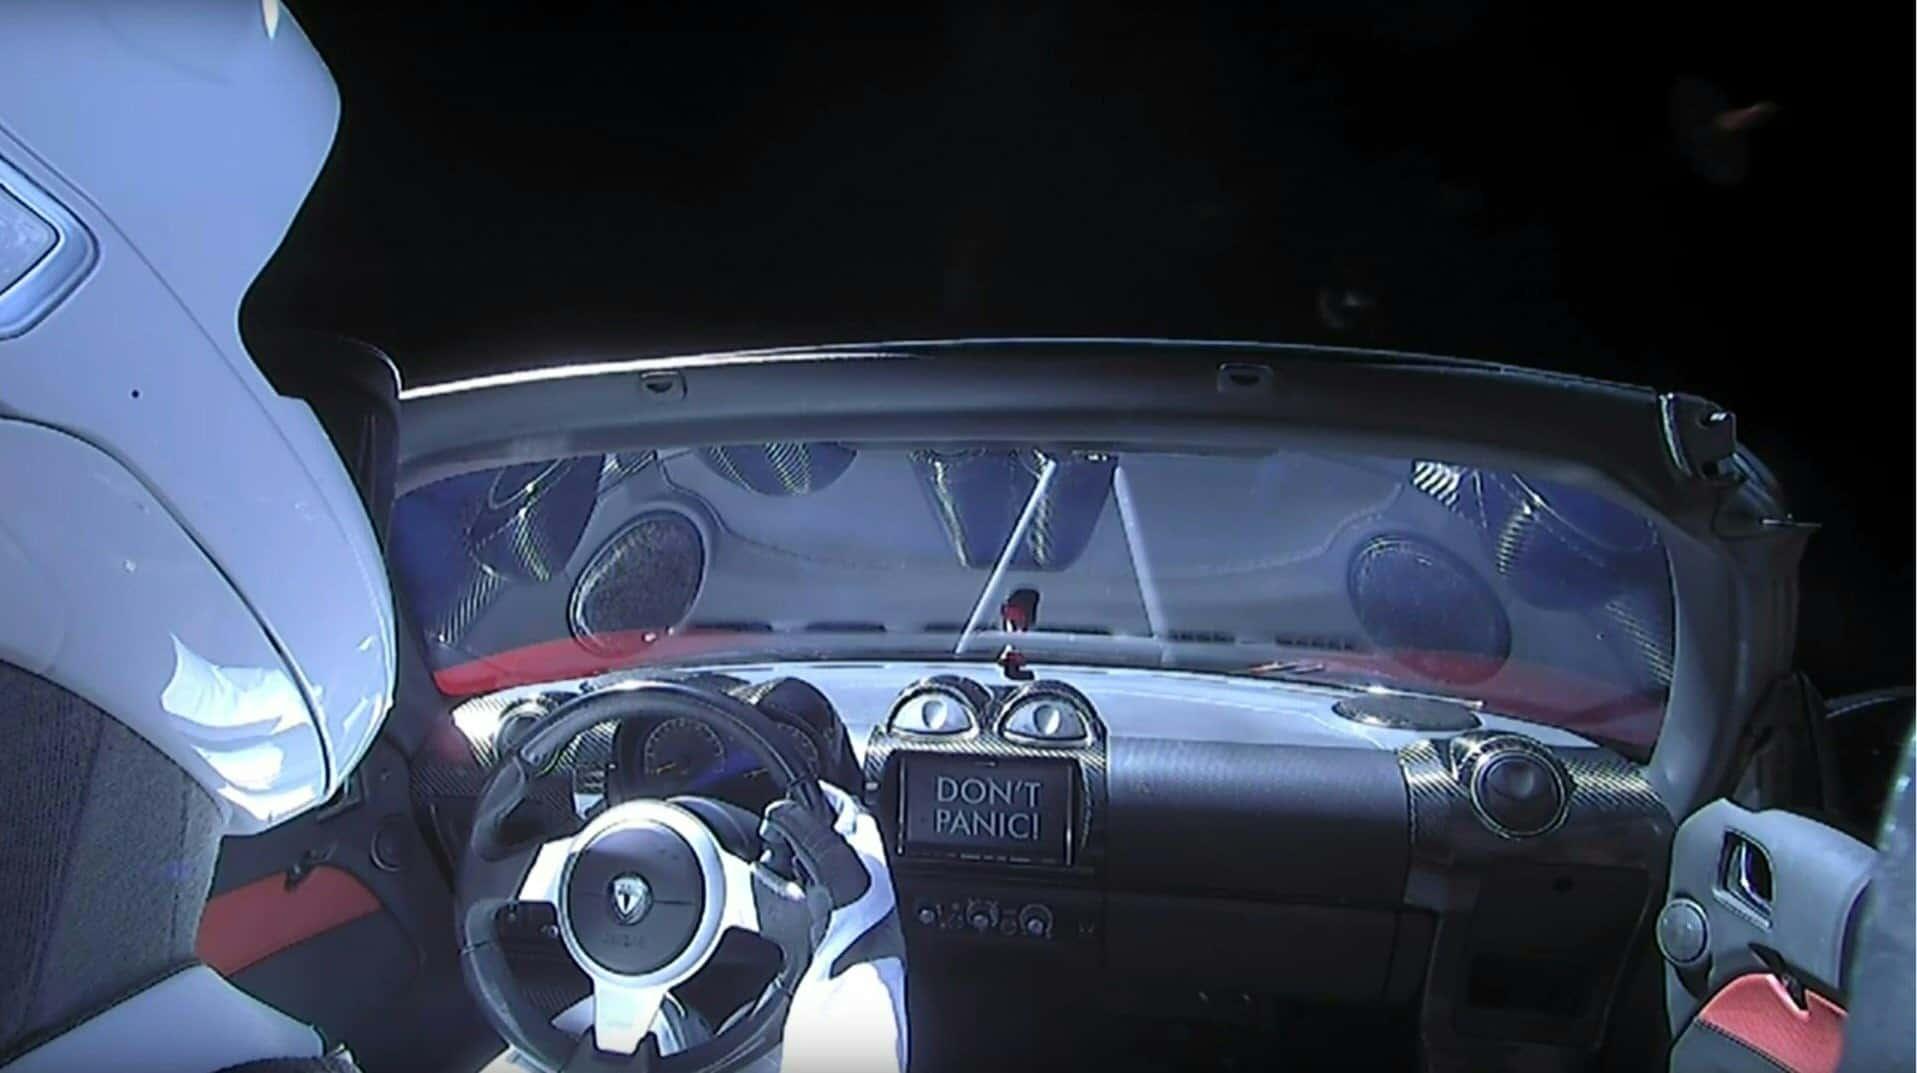 """Starman a Tesla Roadster volájnánál, a kijelzőn a """"DON'T PANIC!"""" felirat"""